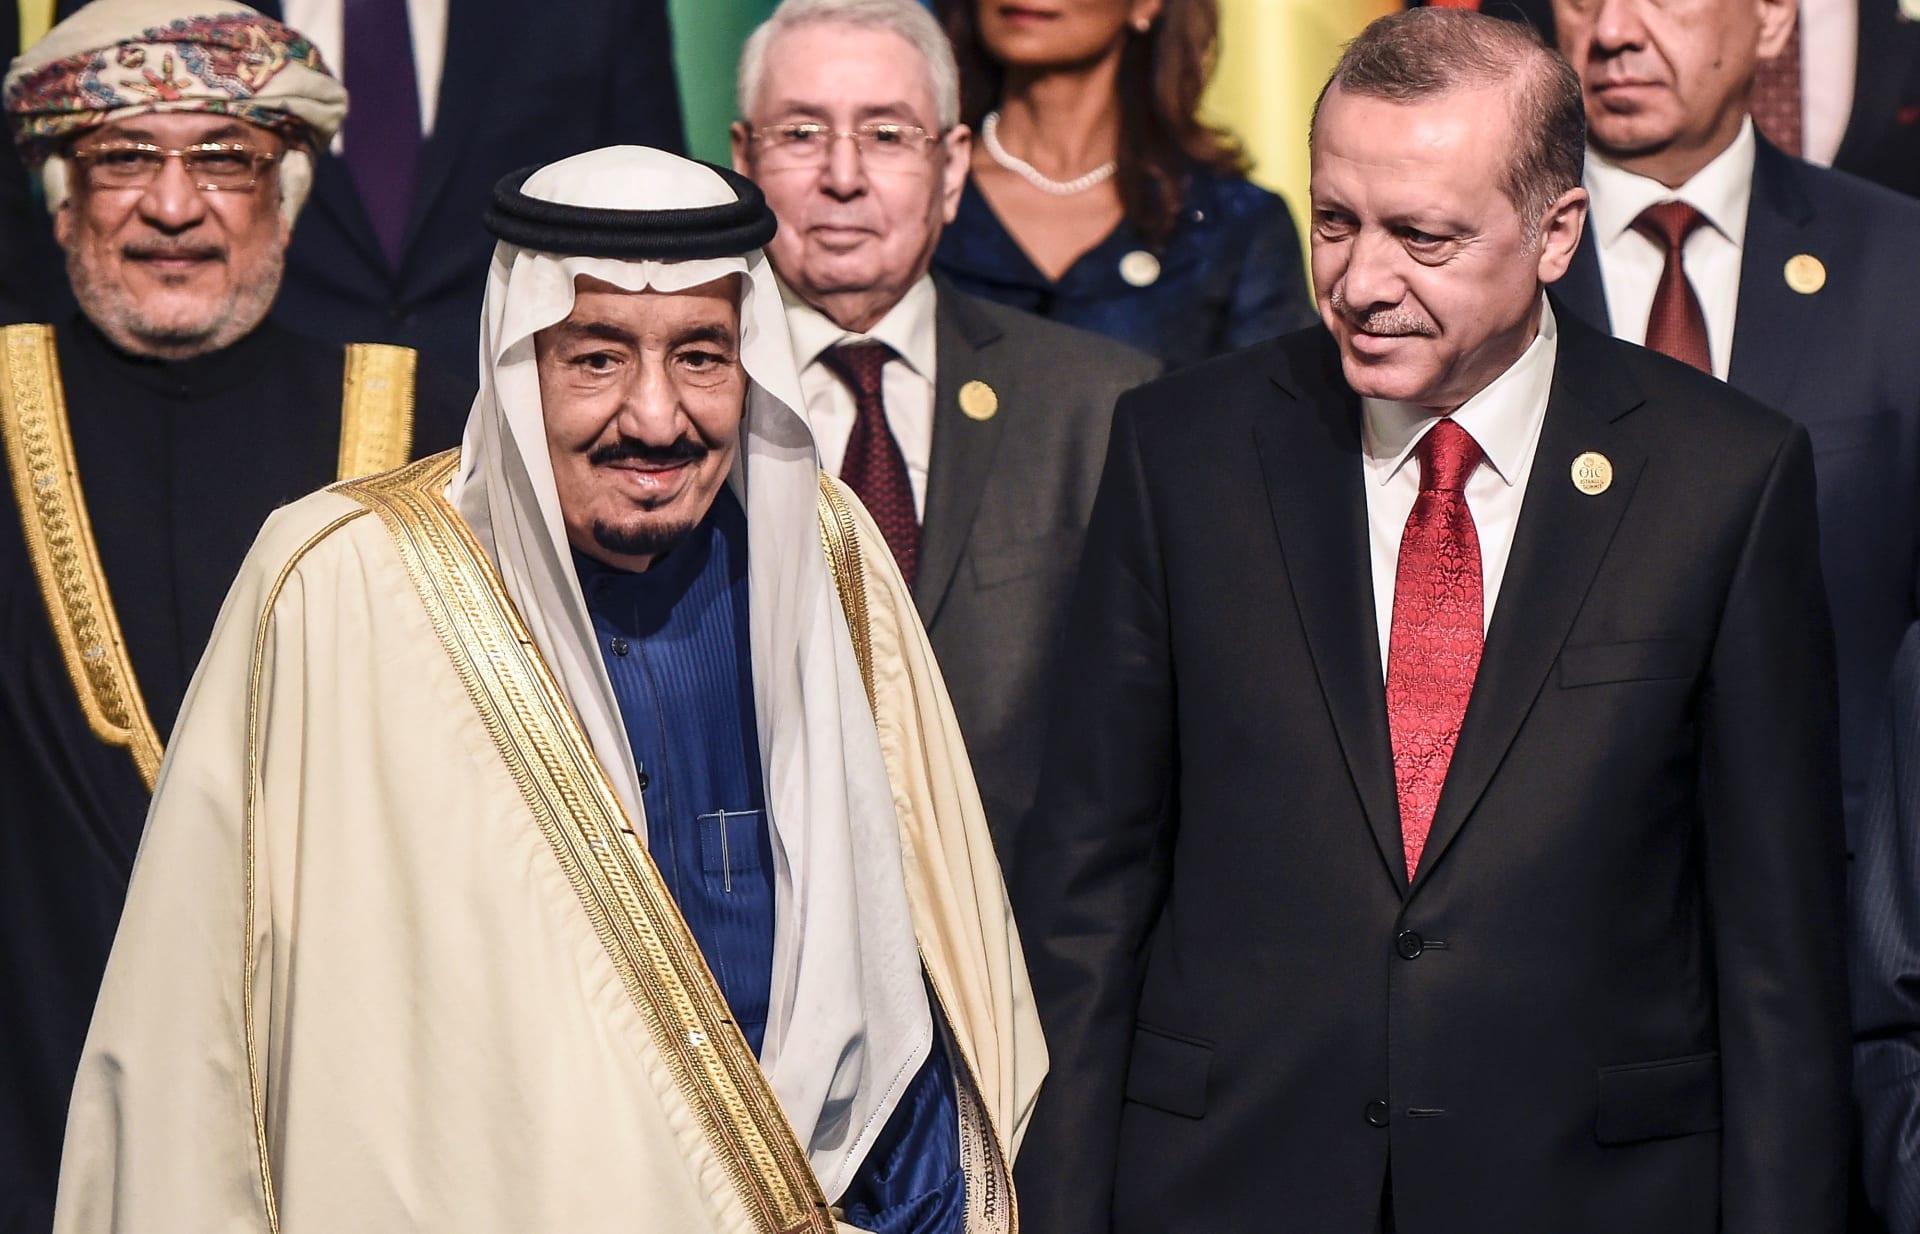 الرئيس التركي رجب طيب أردوغان إلى جانب العاهل السعودي الملك سلمان بن عبدالعزيز - أرشيفية